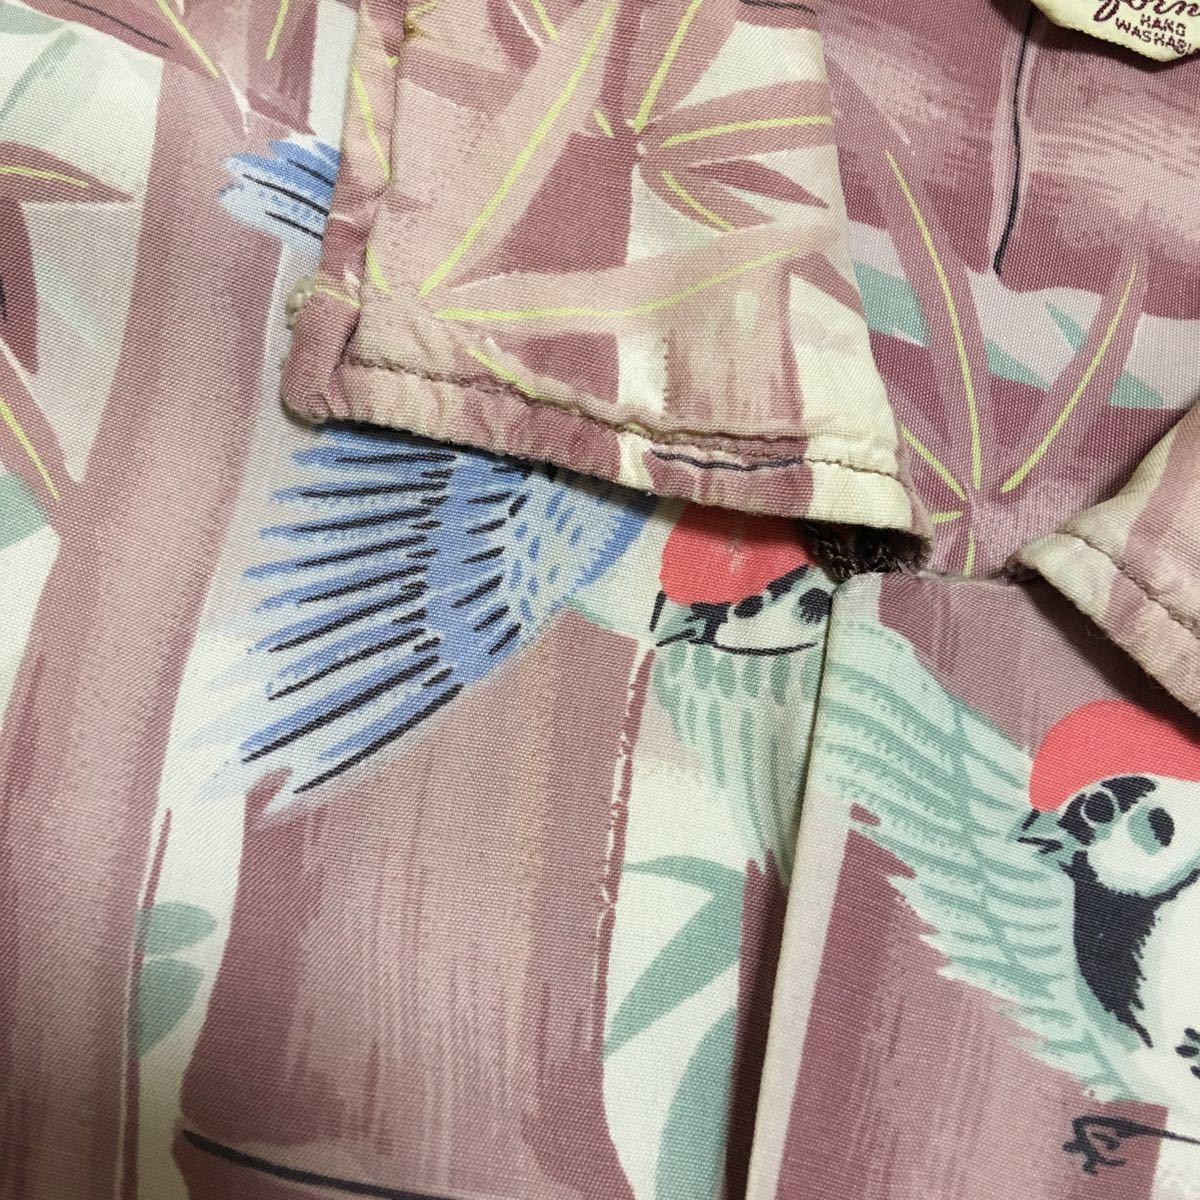 スペシャル ヴィンテージ! 50's アロハシャツ ハワイアン レア柄 雀 竹 ビンテージ アメリカ sizeM カルフォルニア ビンテージ _画像5